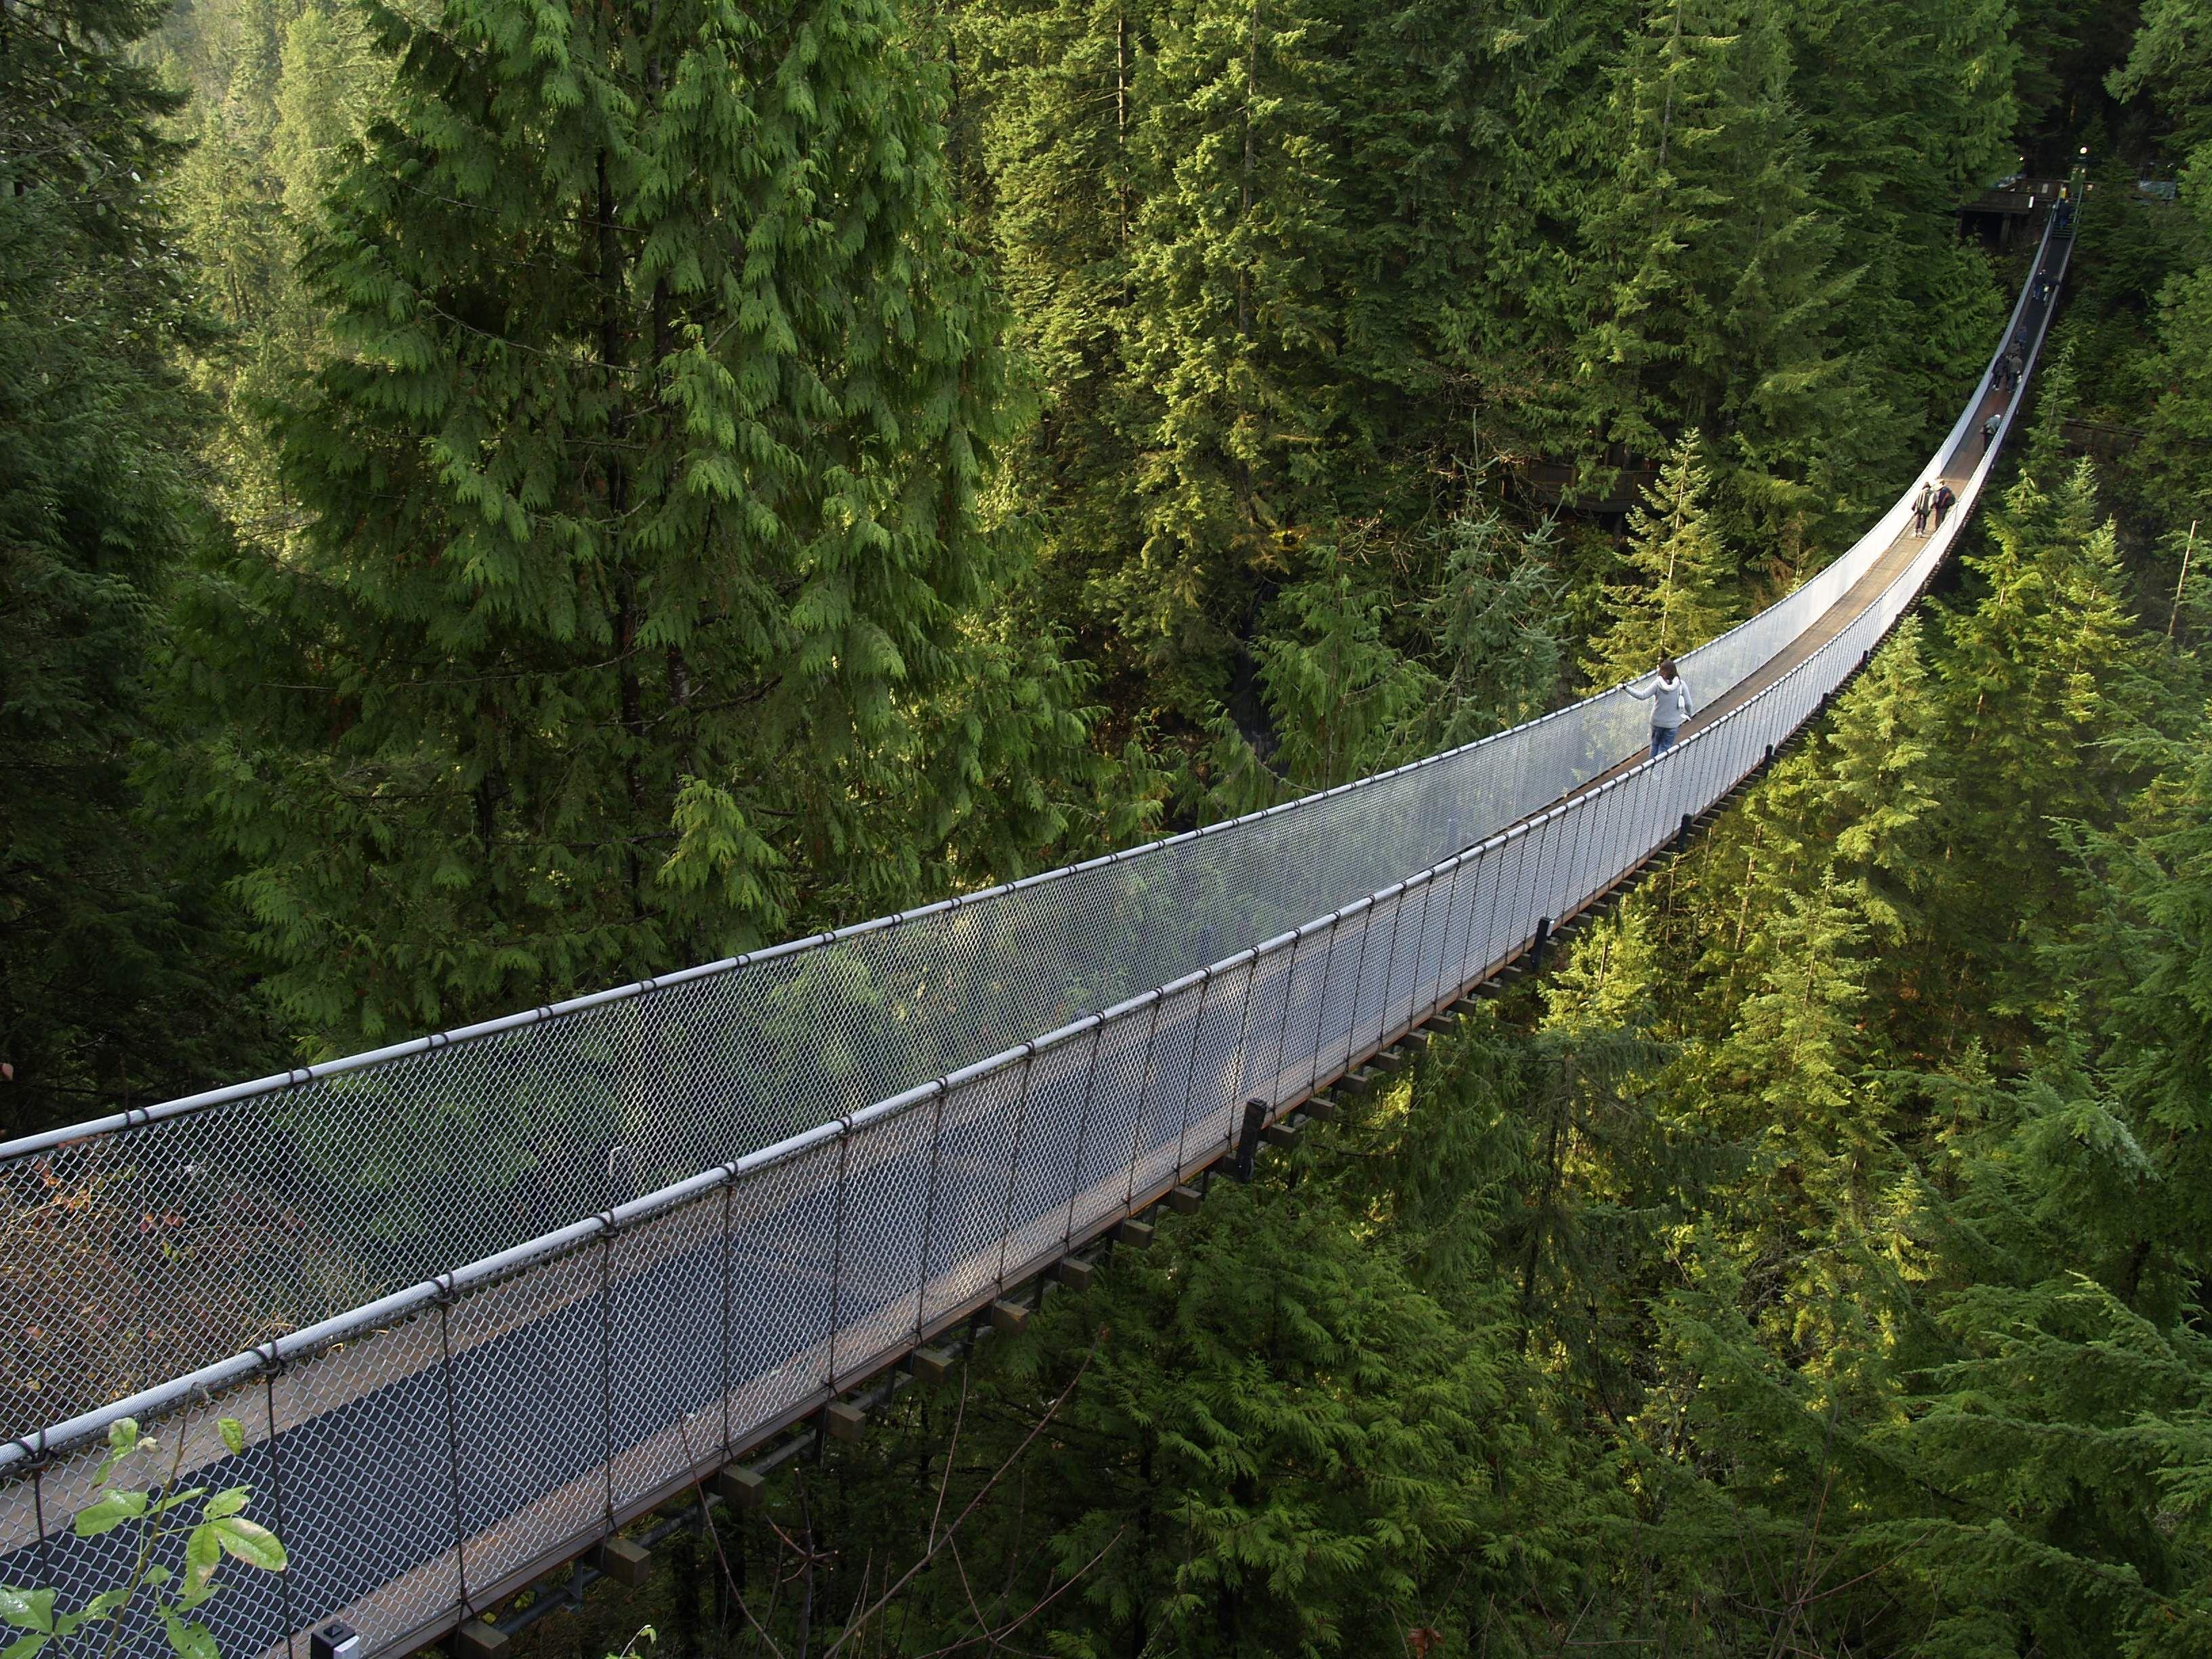 Capilano Suspension Bridge: é uma ponte pênsil que cruza o rio Capilano no distrito de North Vancouver, British Columbia, Canadá. A ponte tem 140 metros de comprimento e 70 metros acima do rio.